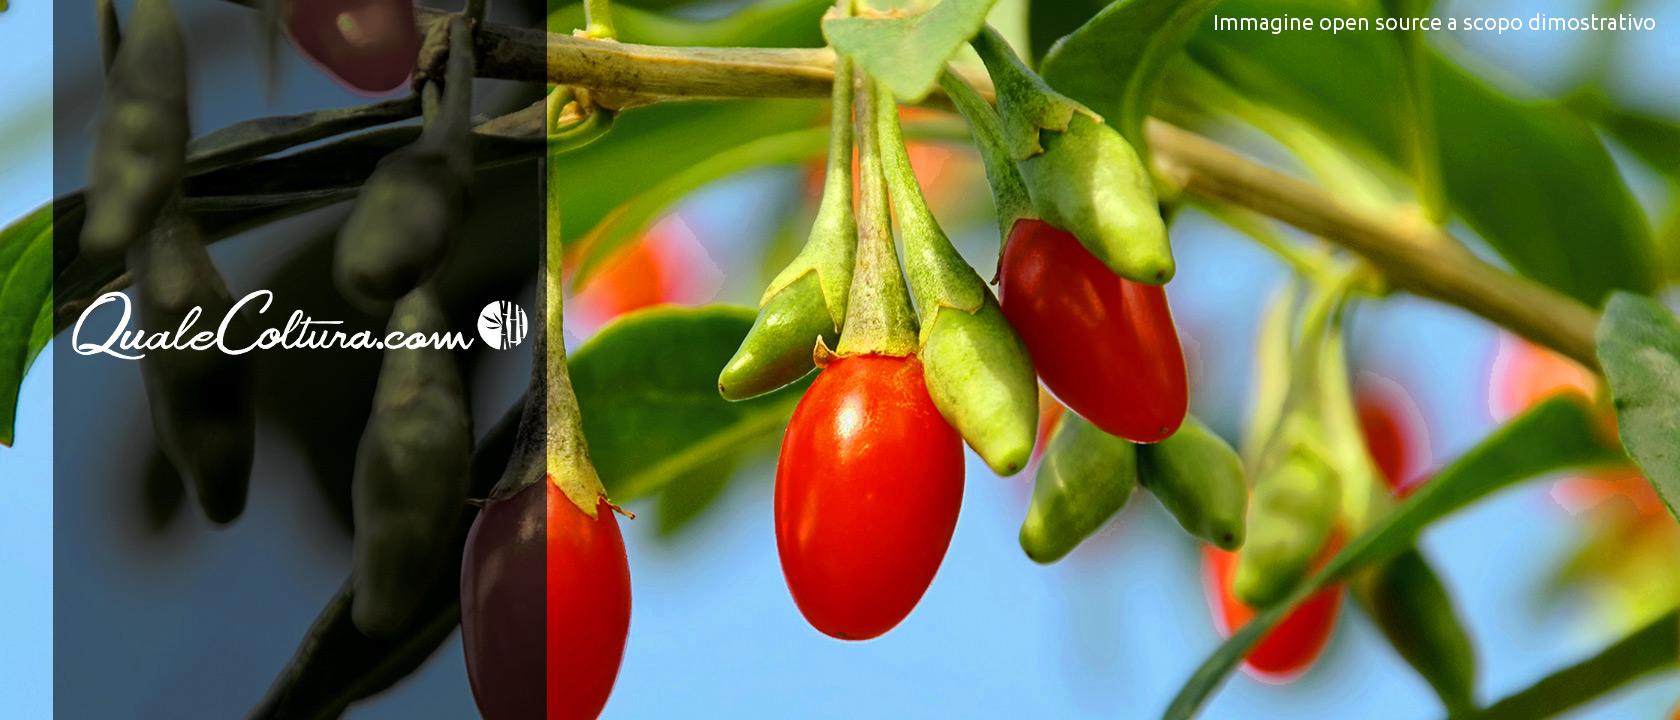 coltivazioni redditizie cosa conviene coltivare quale coltura rende di più coltivazioni remunerative coltivazioni alto guadagno